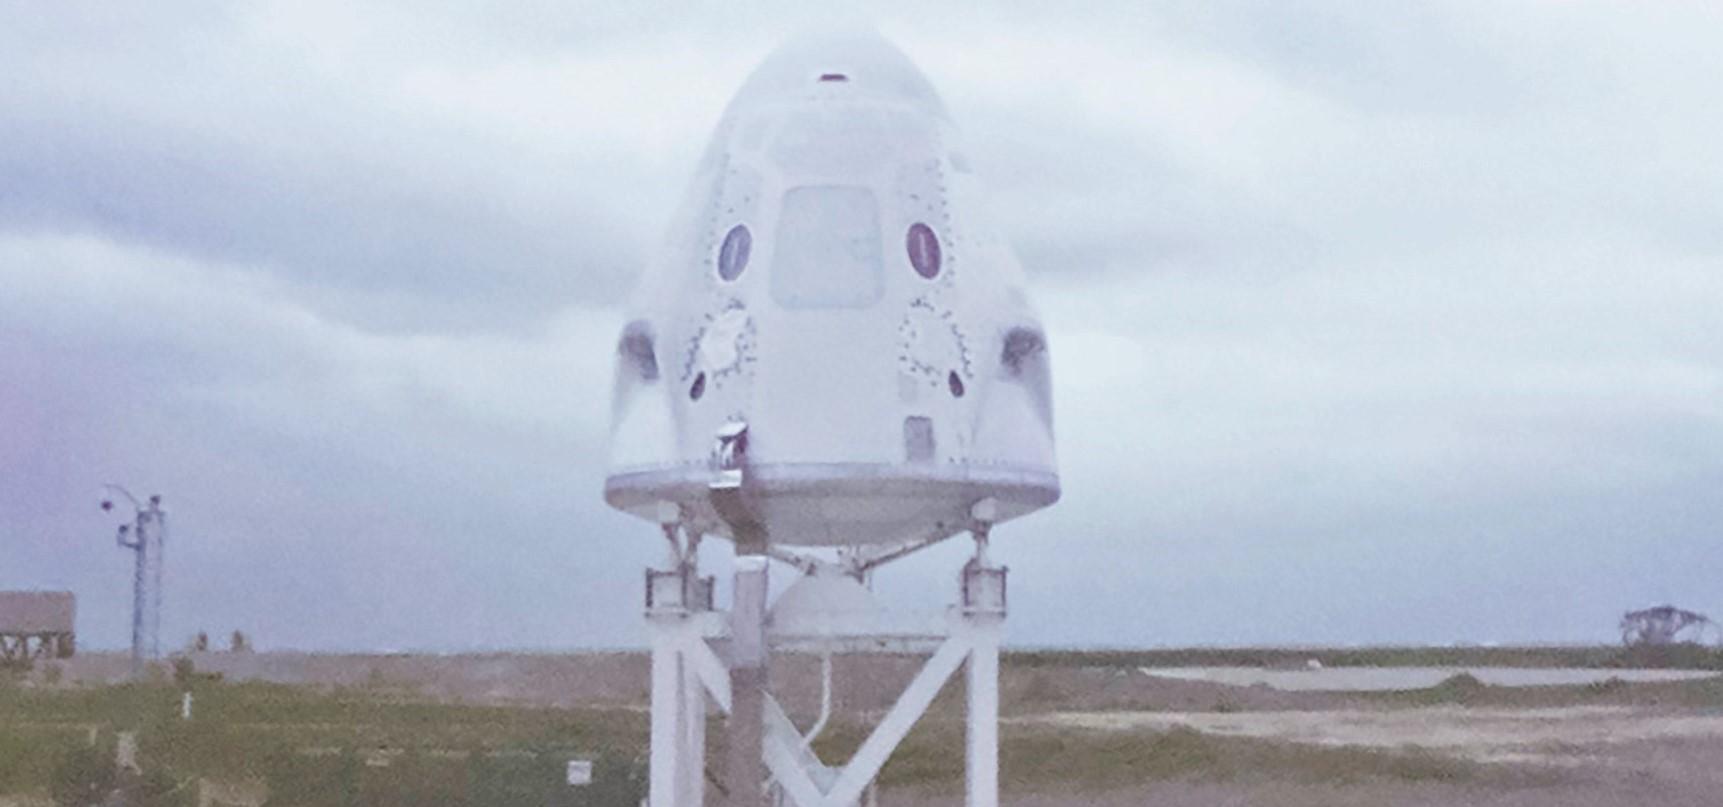 Crew Dragon C205 static fire 111319 (SpaceX) Behnken Hurley 1 crop 3 edit